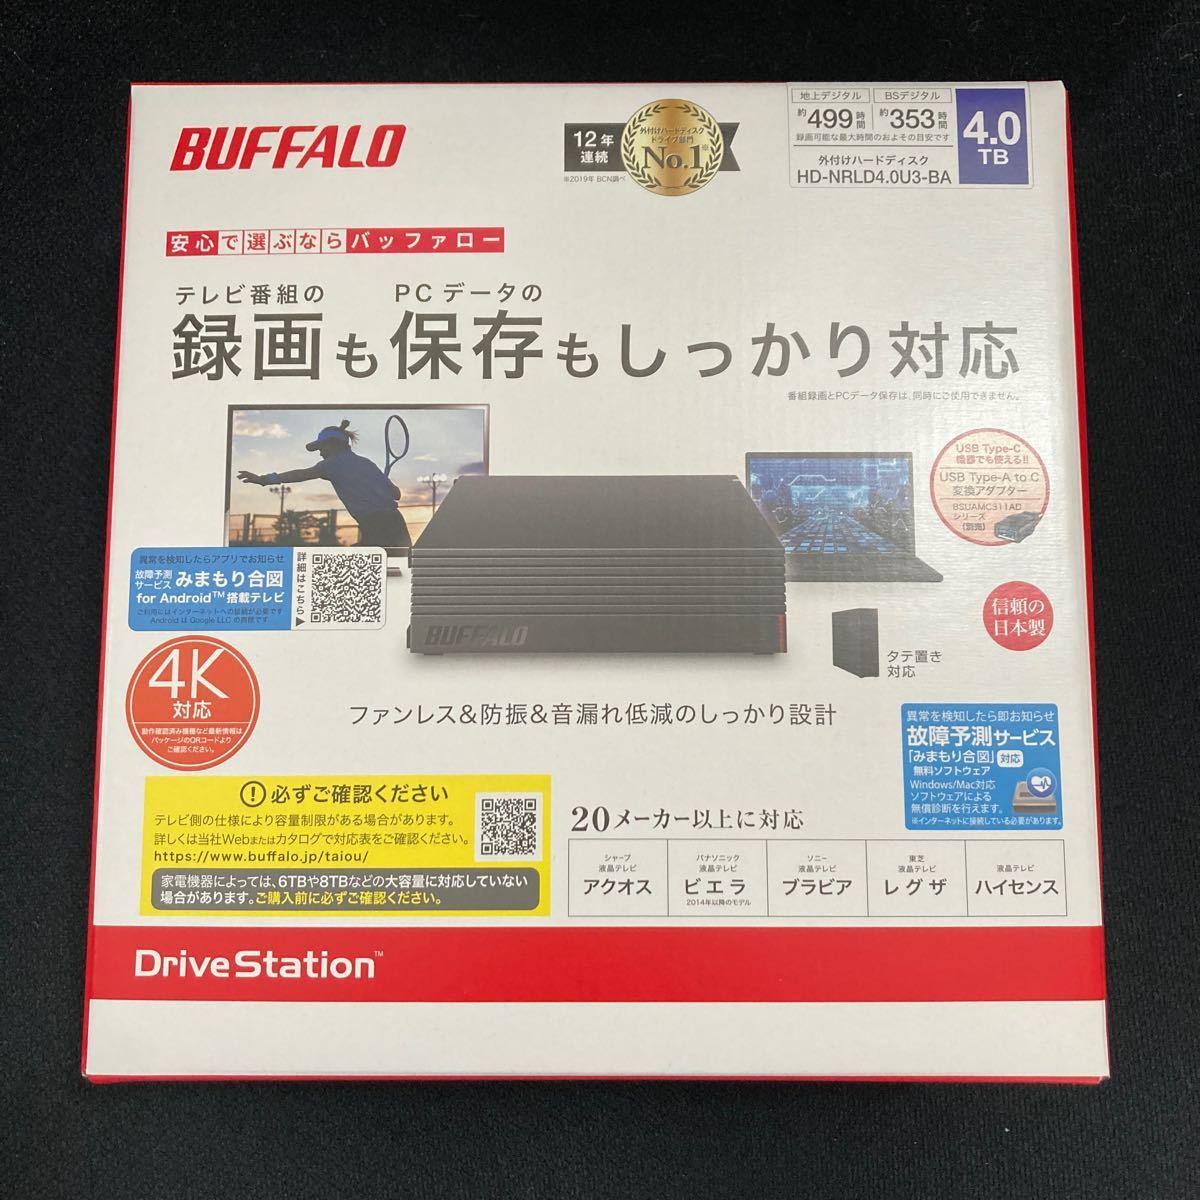 新品未開封★バッファロー 4TB 外付けHDD [HD-NRLD4.0U3-BA] USB3.1対応 納品書付